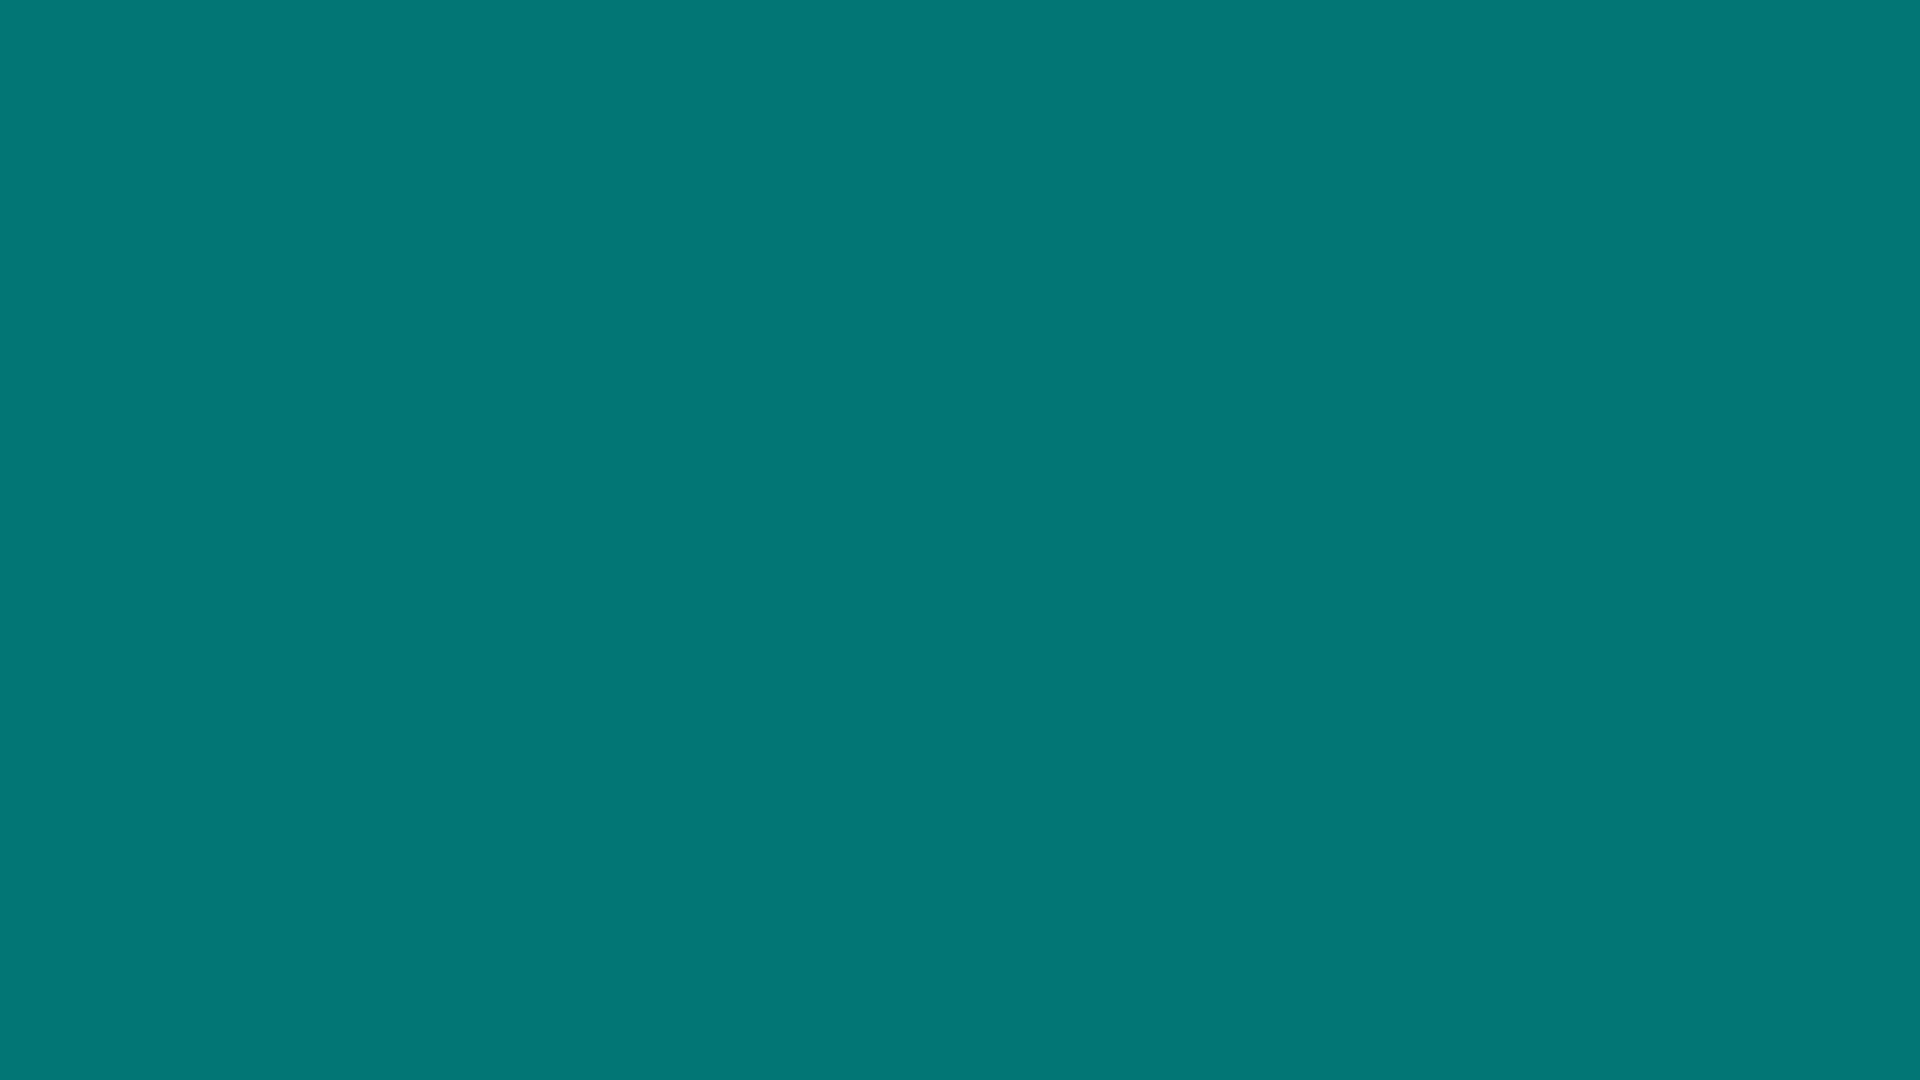 """[중앙일보] ③ """"이제는 아시아 시대"""" – 서울대 아시아연 기획 ③ 공존의 길 막는 장벽들"""